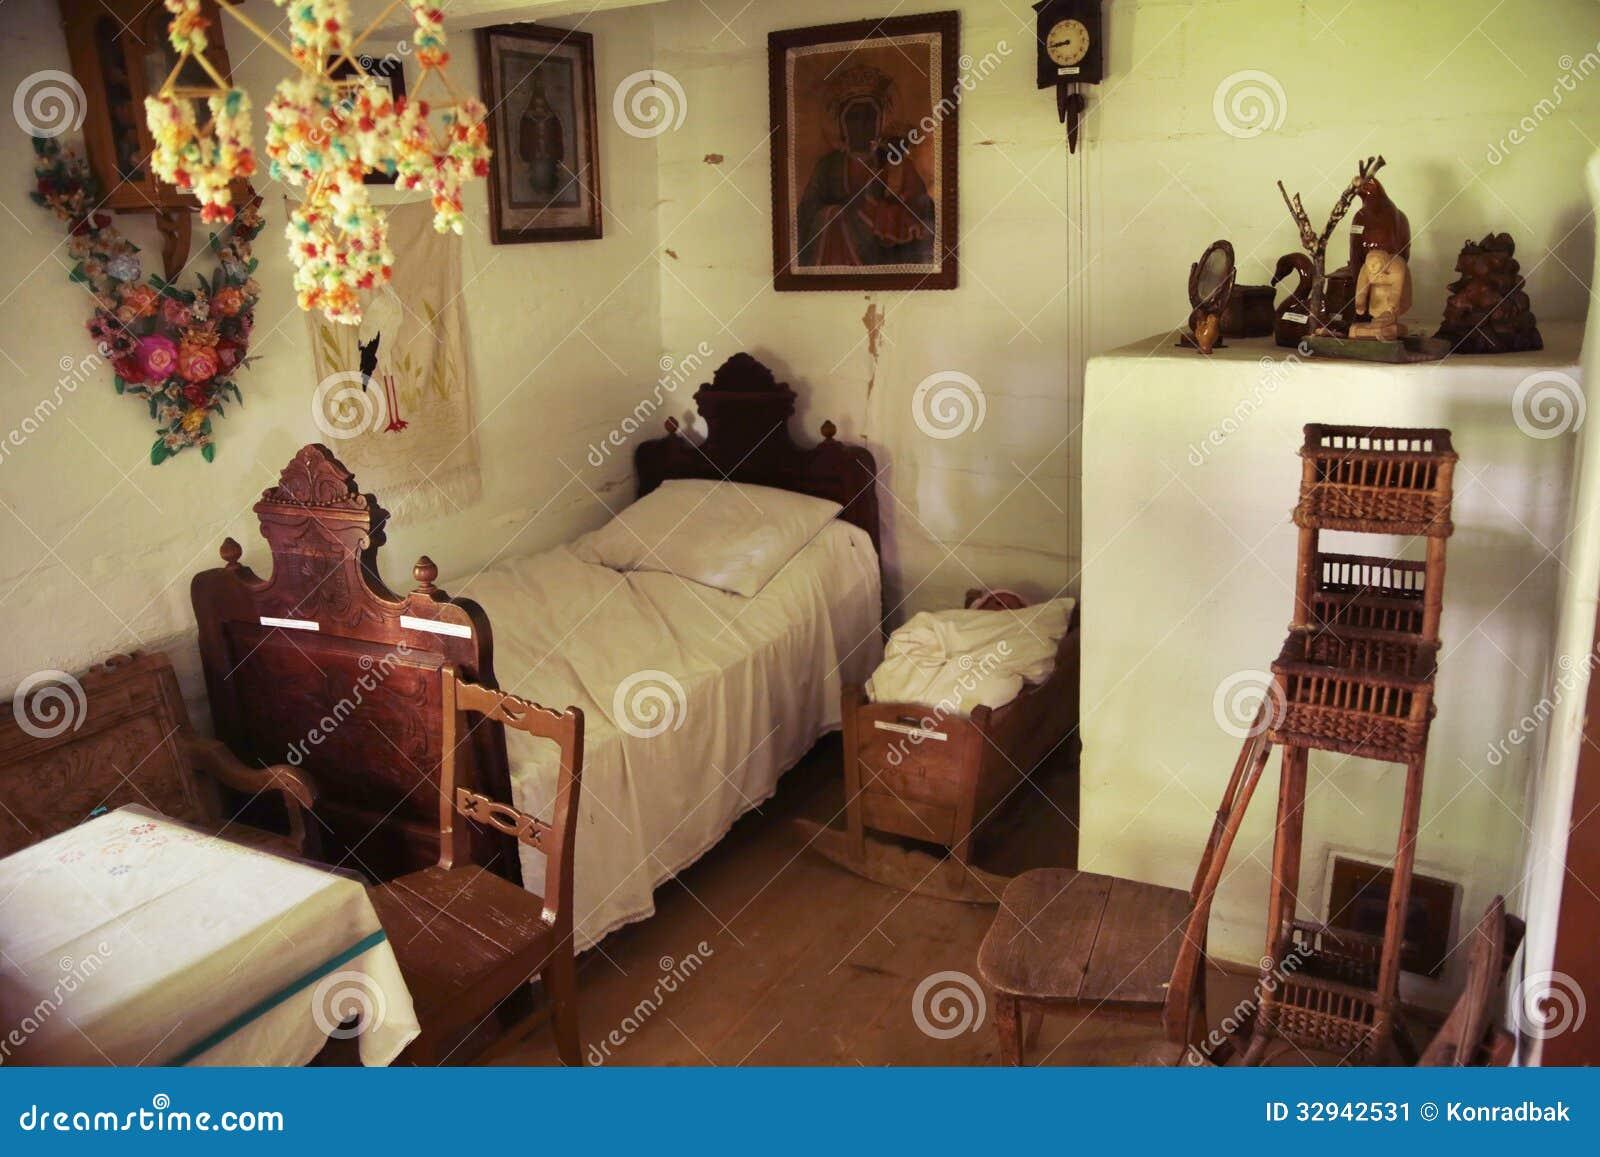 Ein Altes Hölzernes Und Rustikales Schlafzimmer Stockbild - Bild von ...